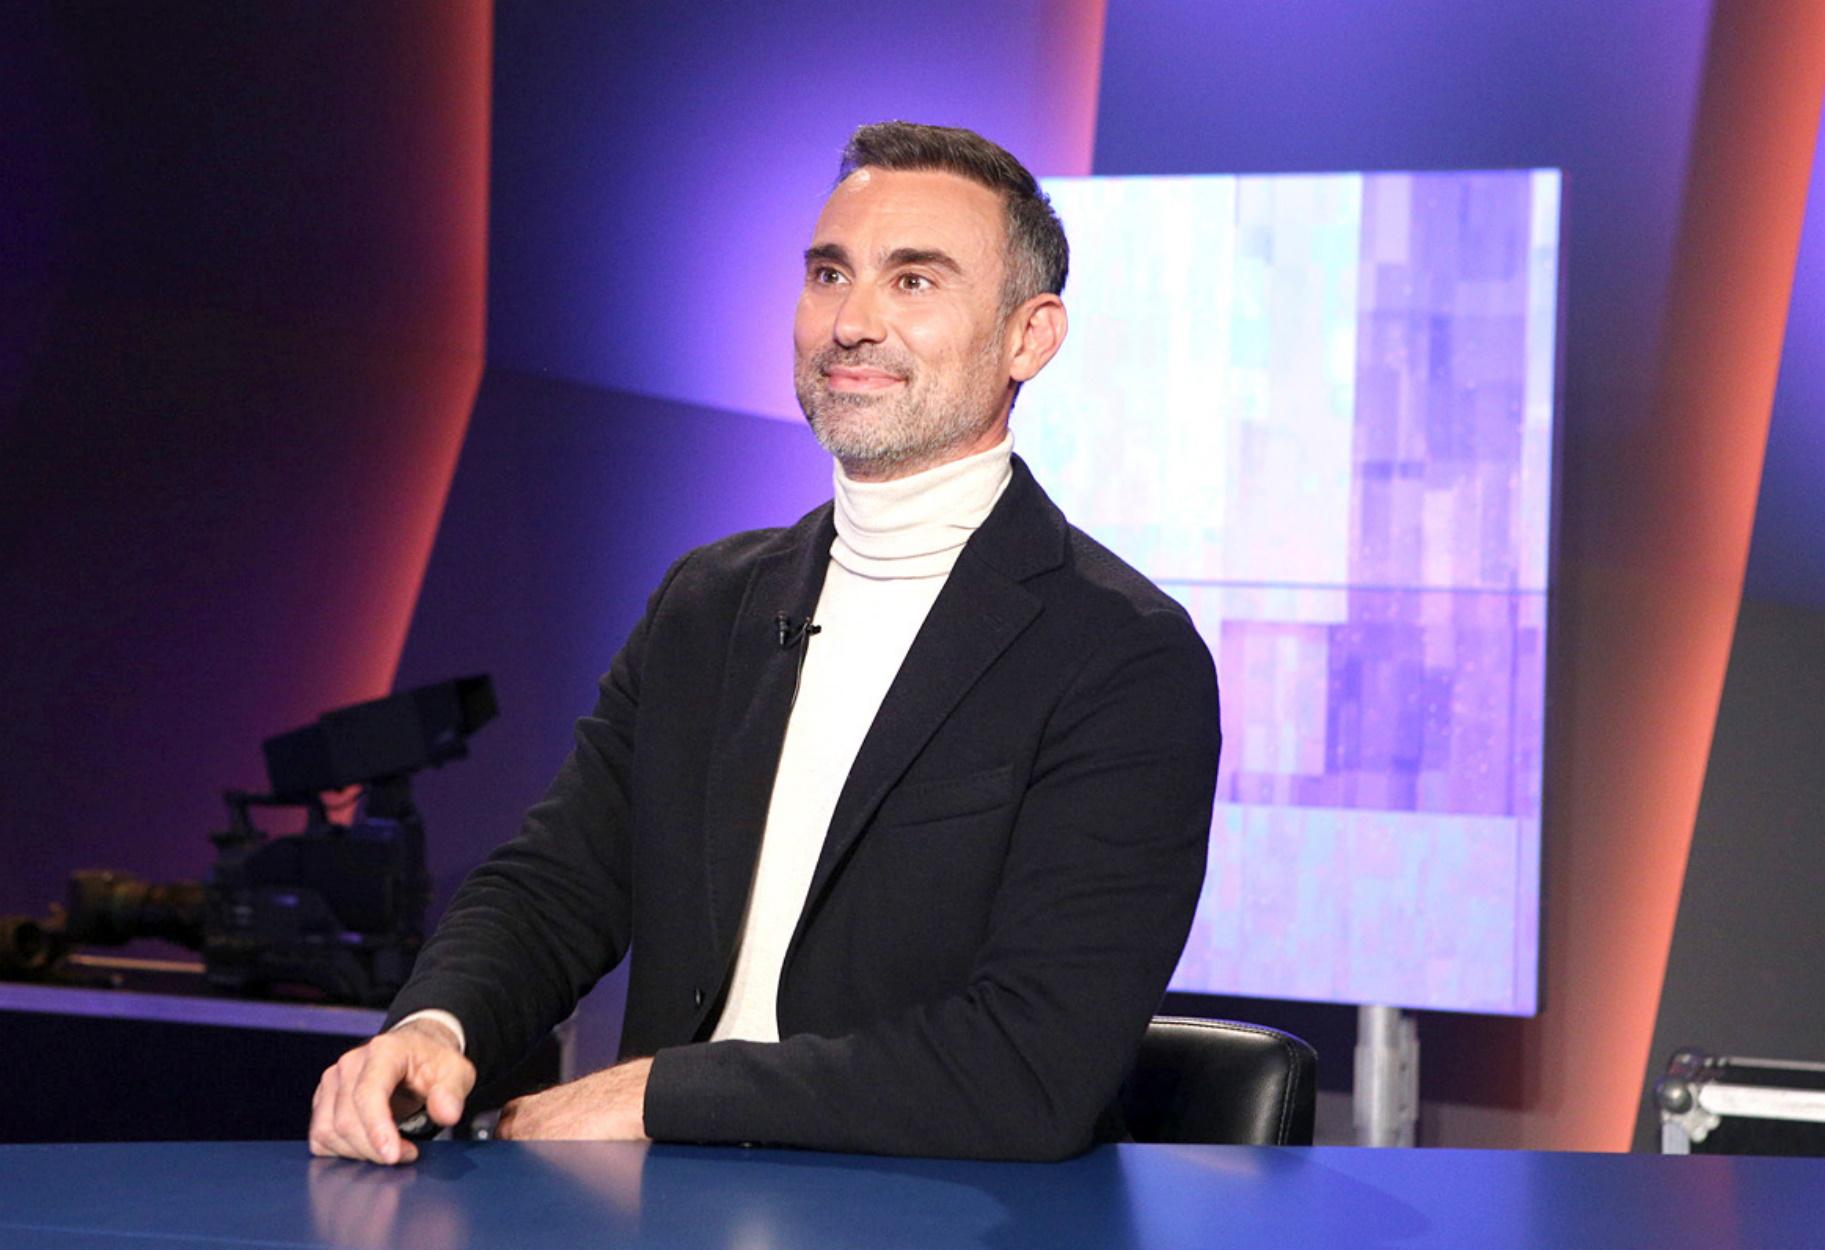 Γιώργος Καπουτζίδης: Είμαι ένας άνεργος ομοφυλόφιλος